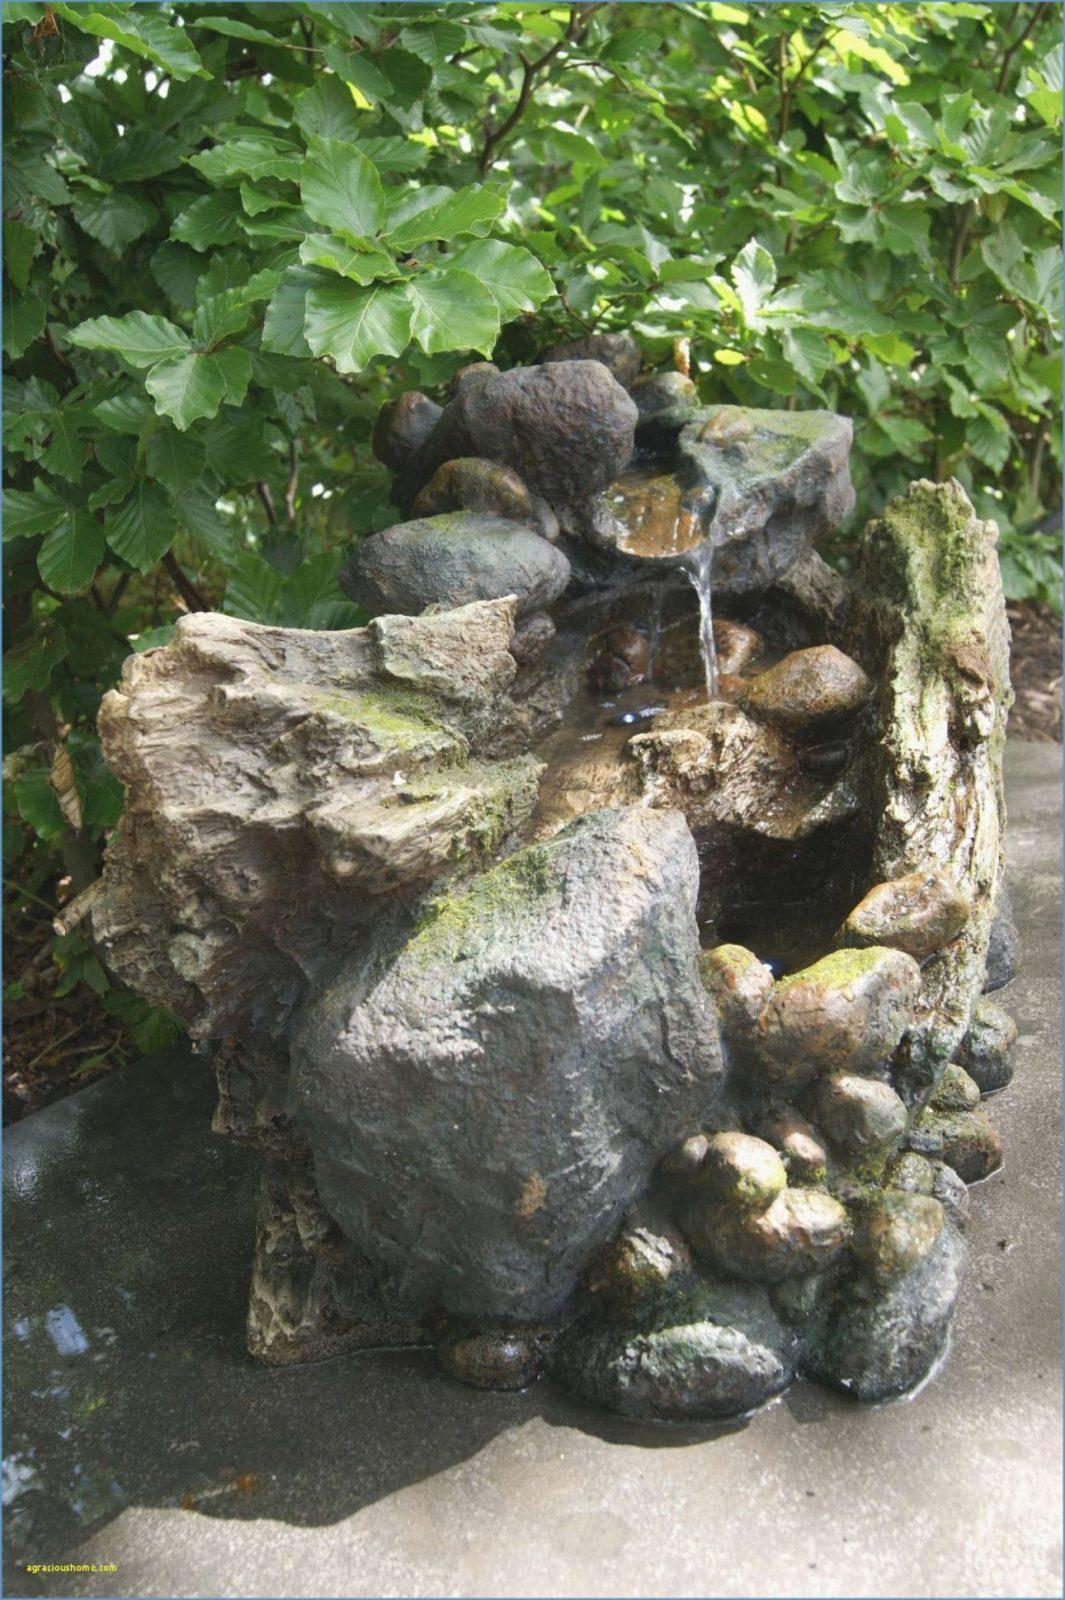 Springbrunnen Im Garten Luxus Brunnen Garten Selber Bauen  Garten von Brunnen Garten Selber Bauen Bild